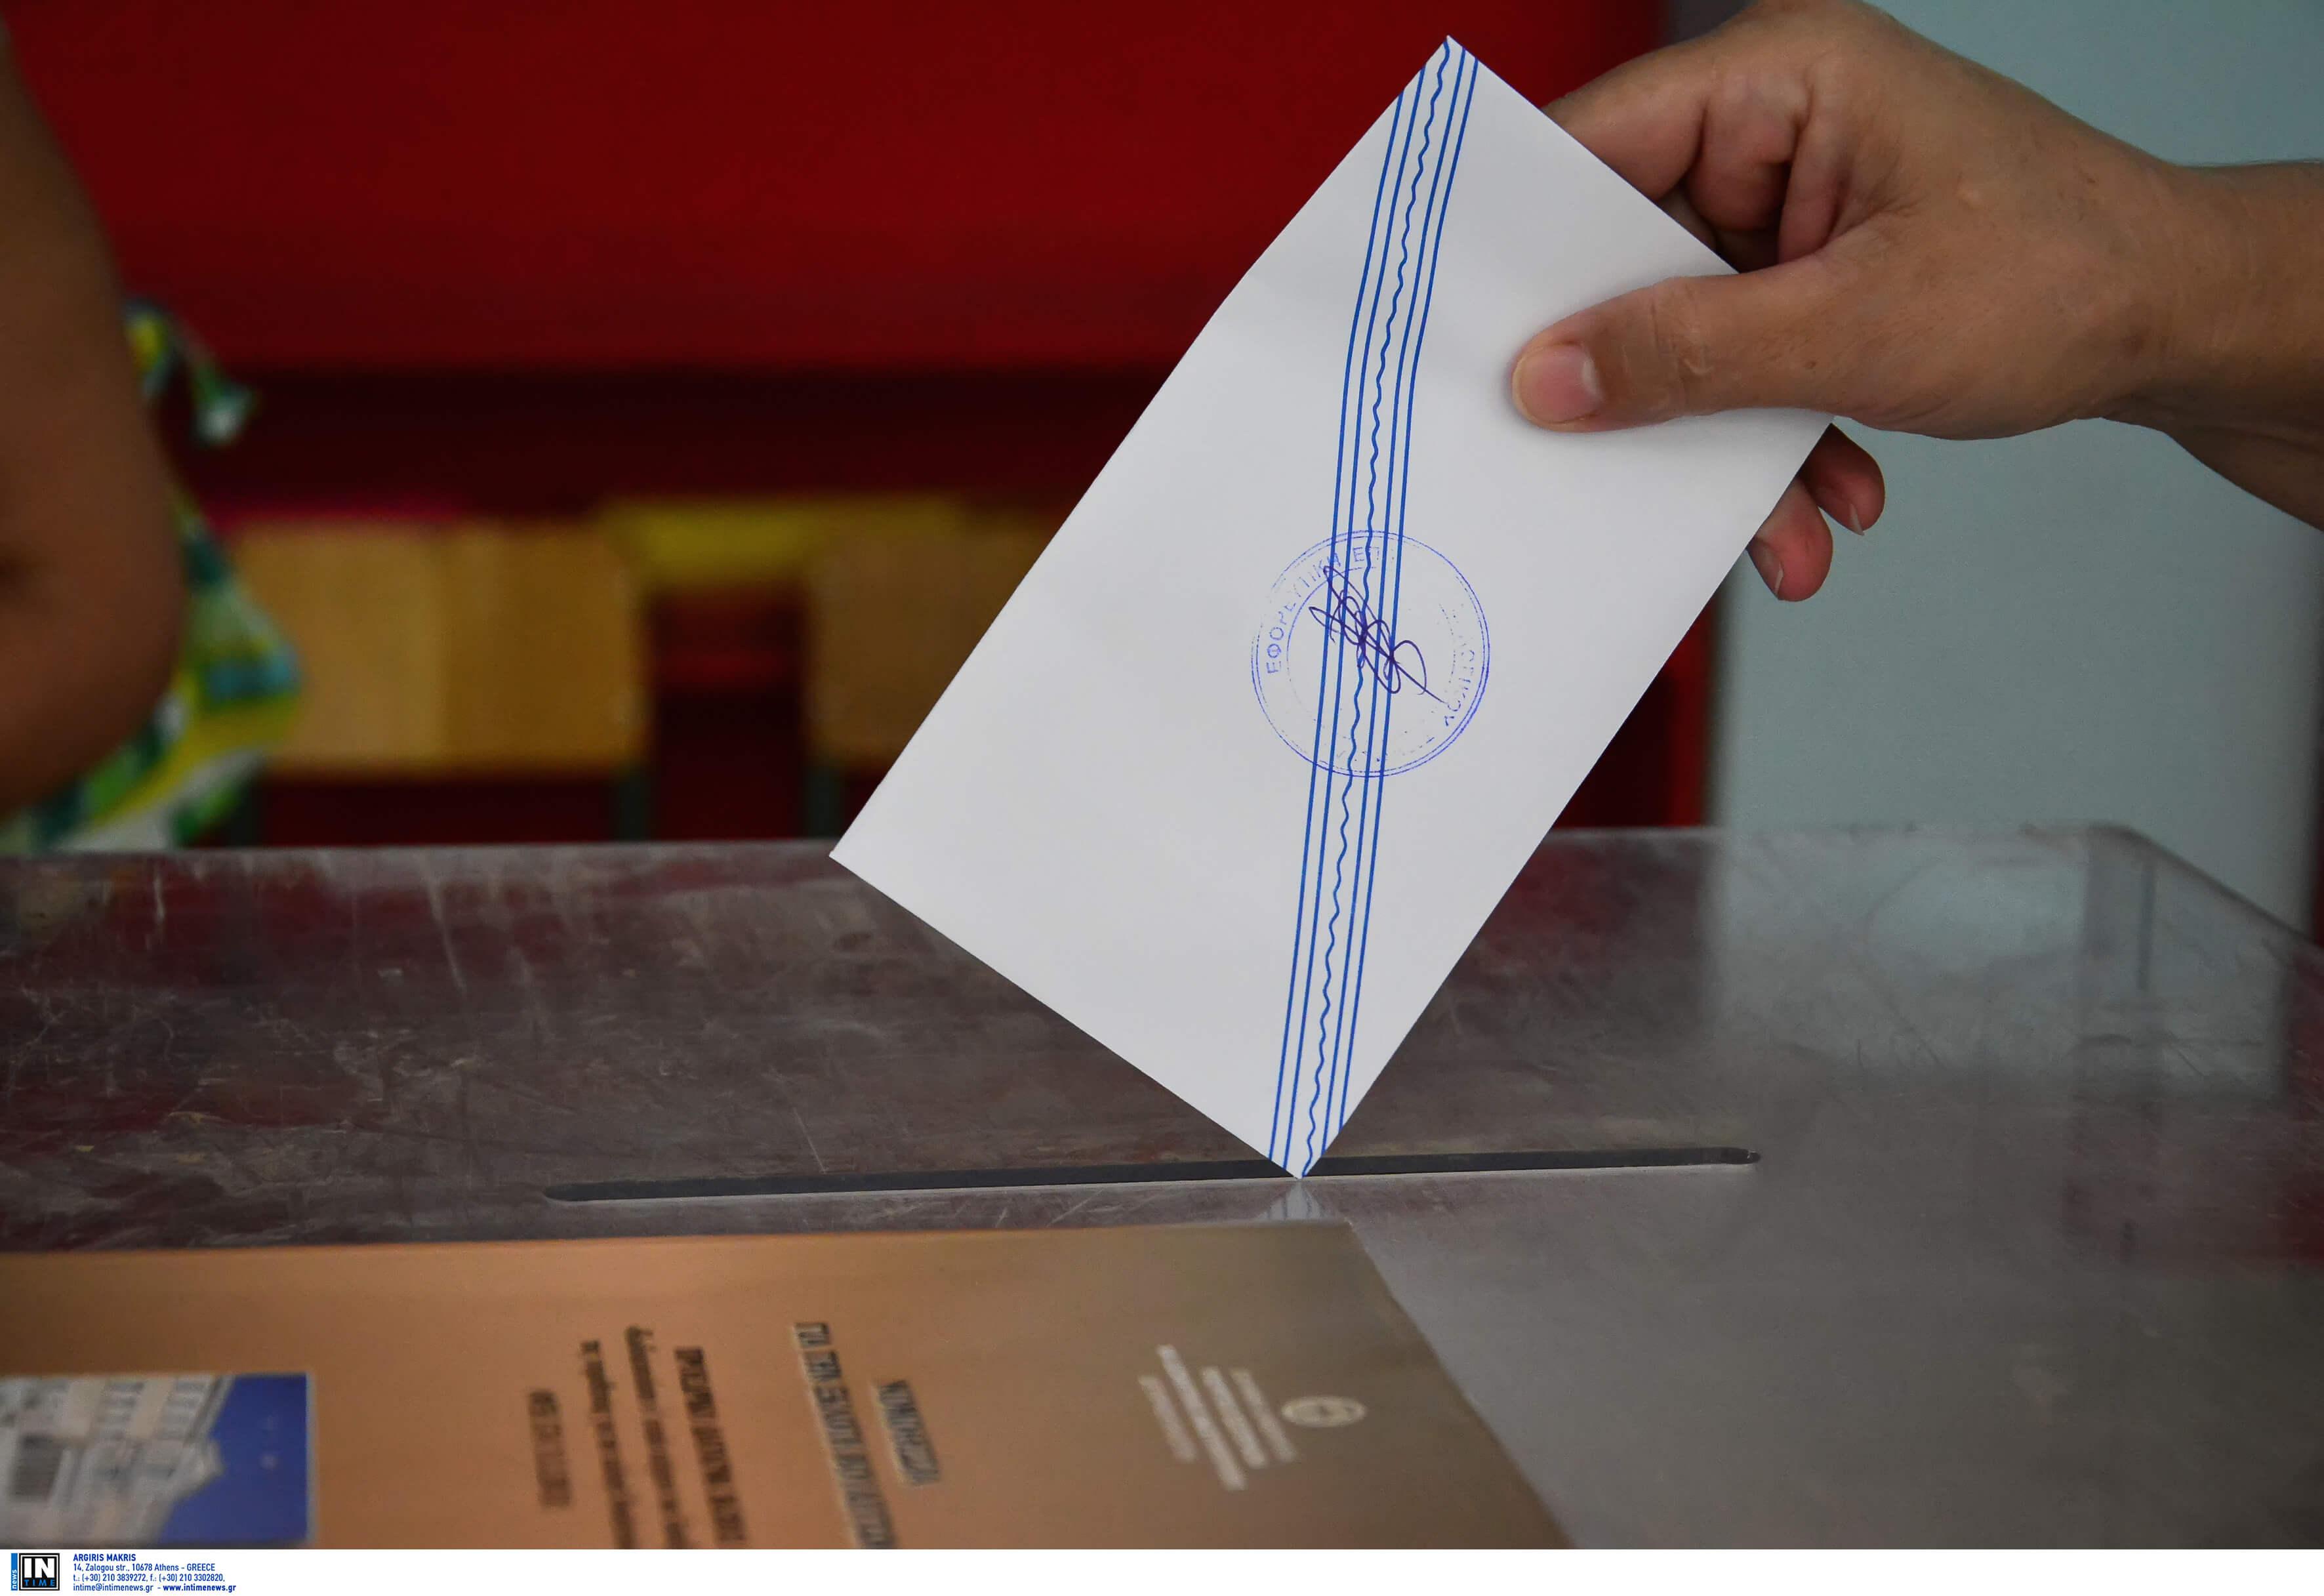 Αποτελέσματα Εκλογών – Σταυροί προτίμησης Δήμος Αμαρουσίου: Ποιοι δημοτικοί σύμβουλοι εκλέγονται